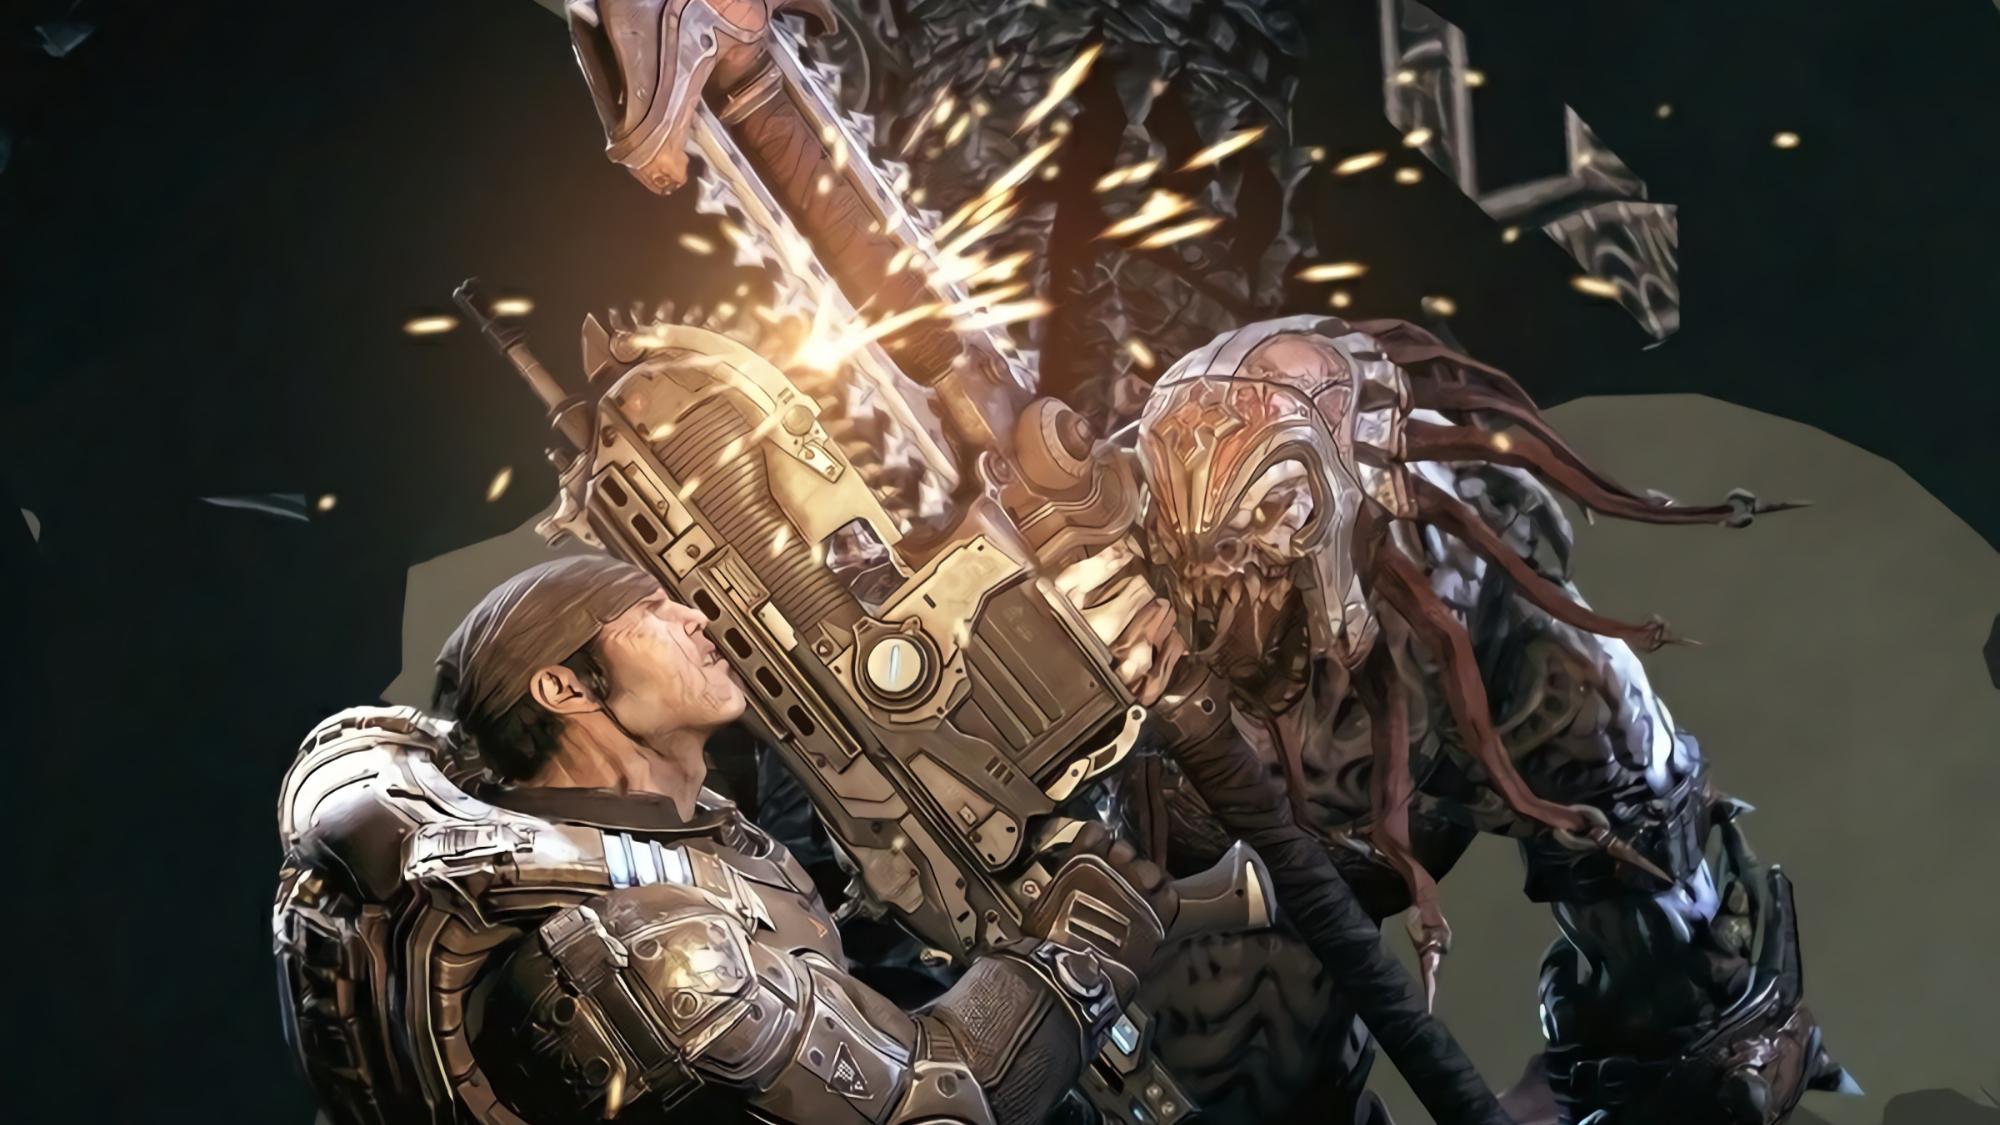 【达奇】当最后的堡垒即将沦陷,人类将作何选择?战争机器剧情